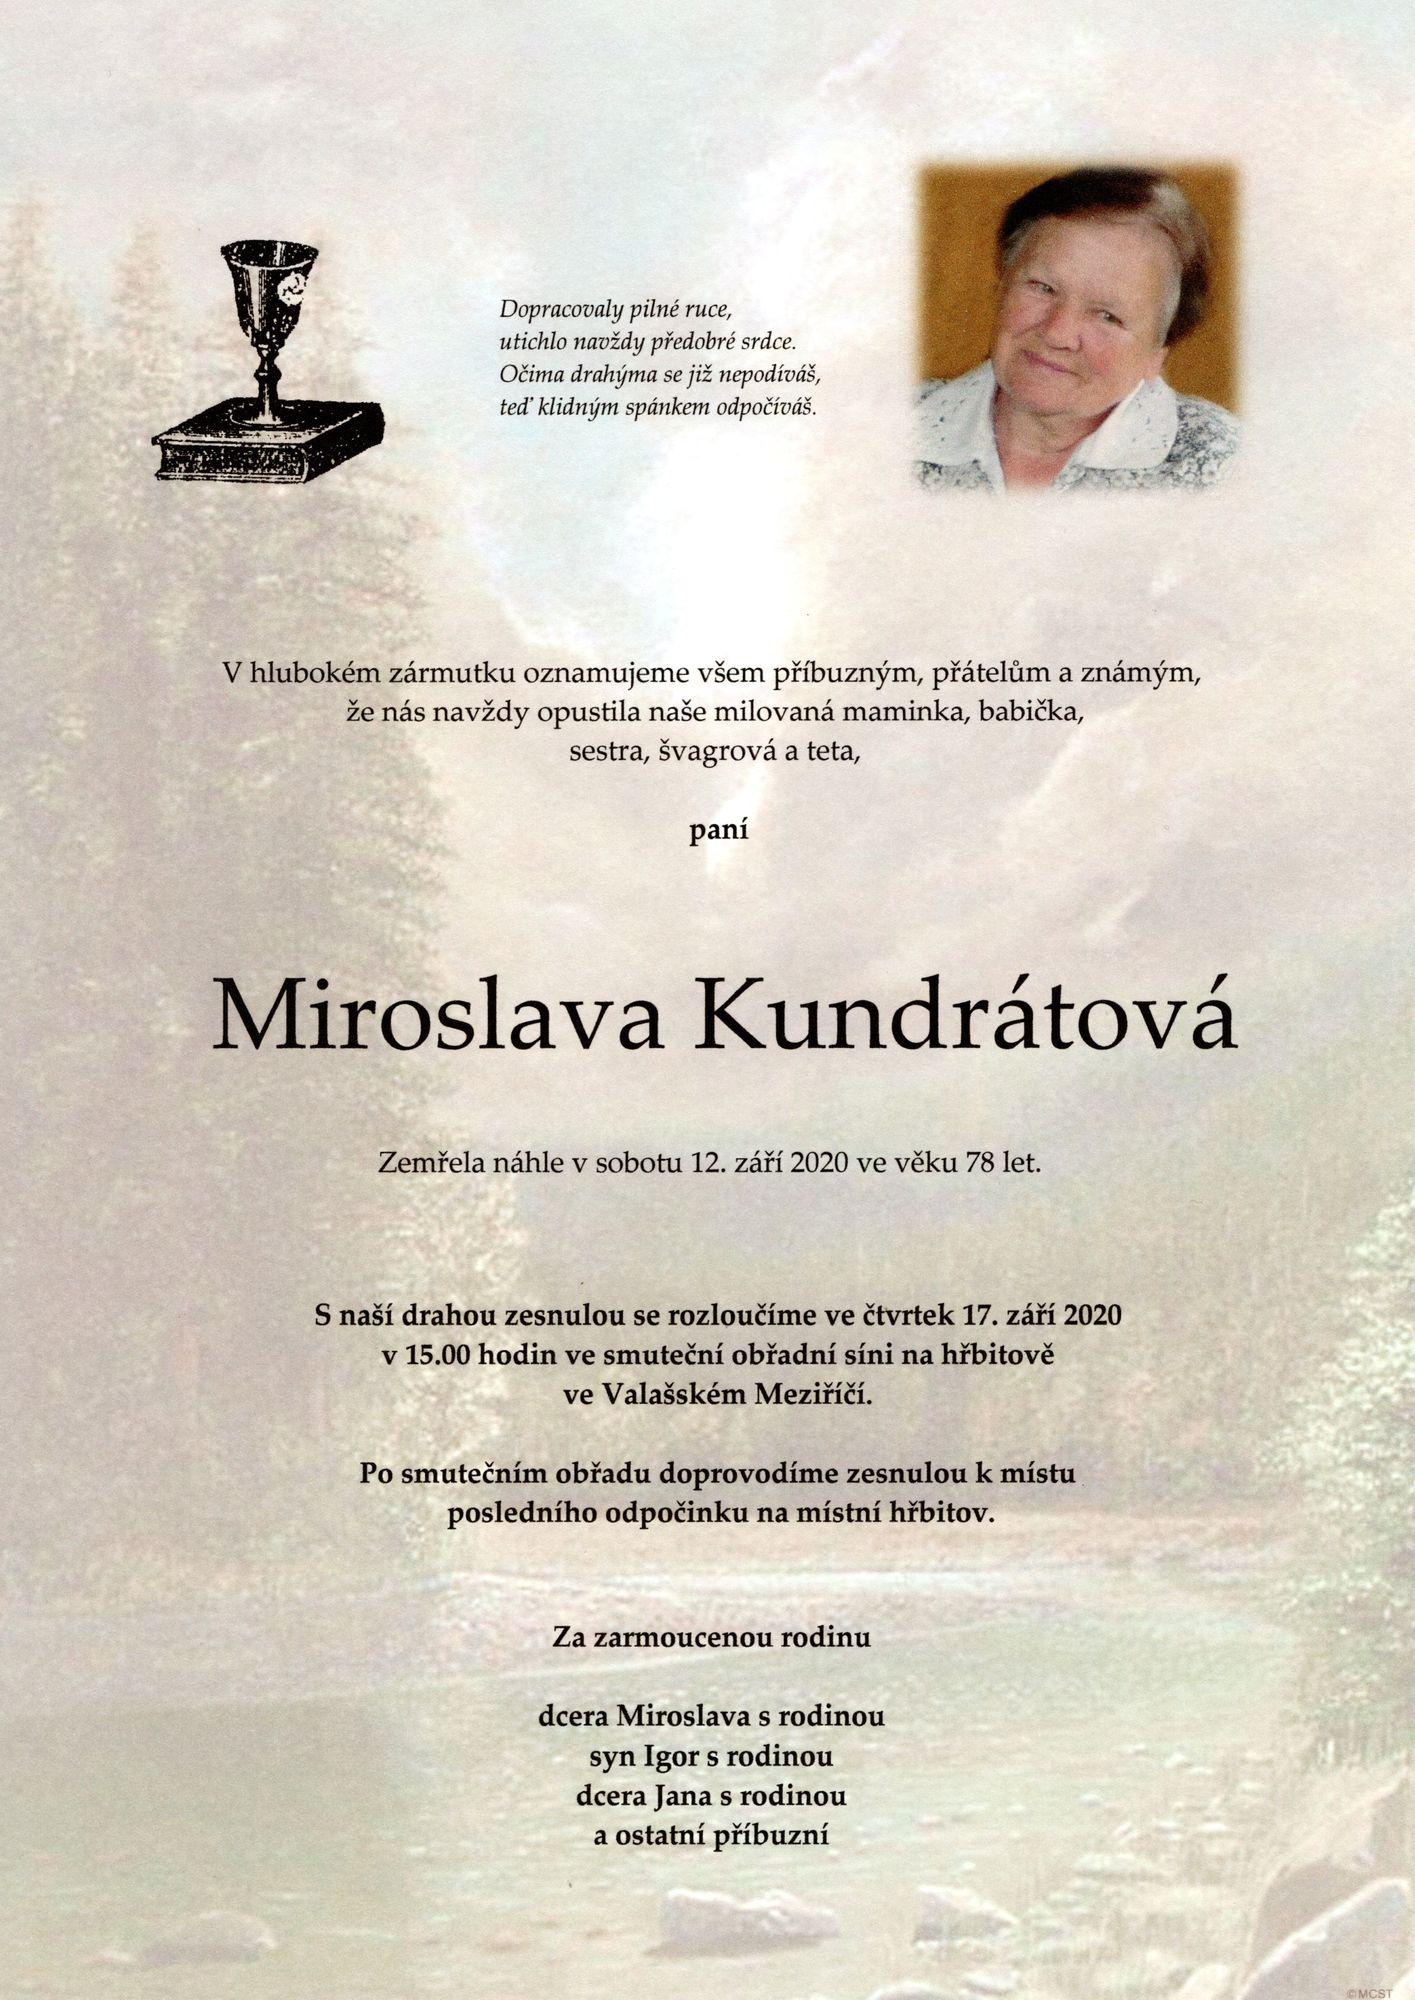 Miroslava Kundrátová